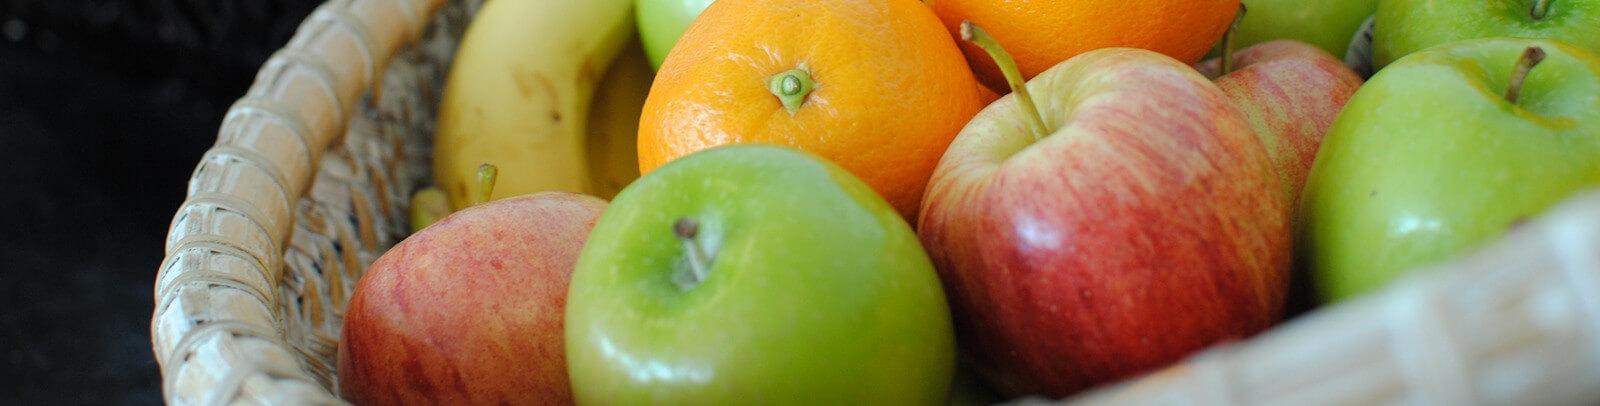 banner - apple.JPG